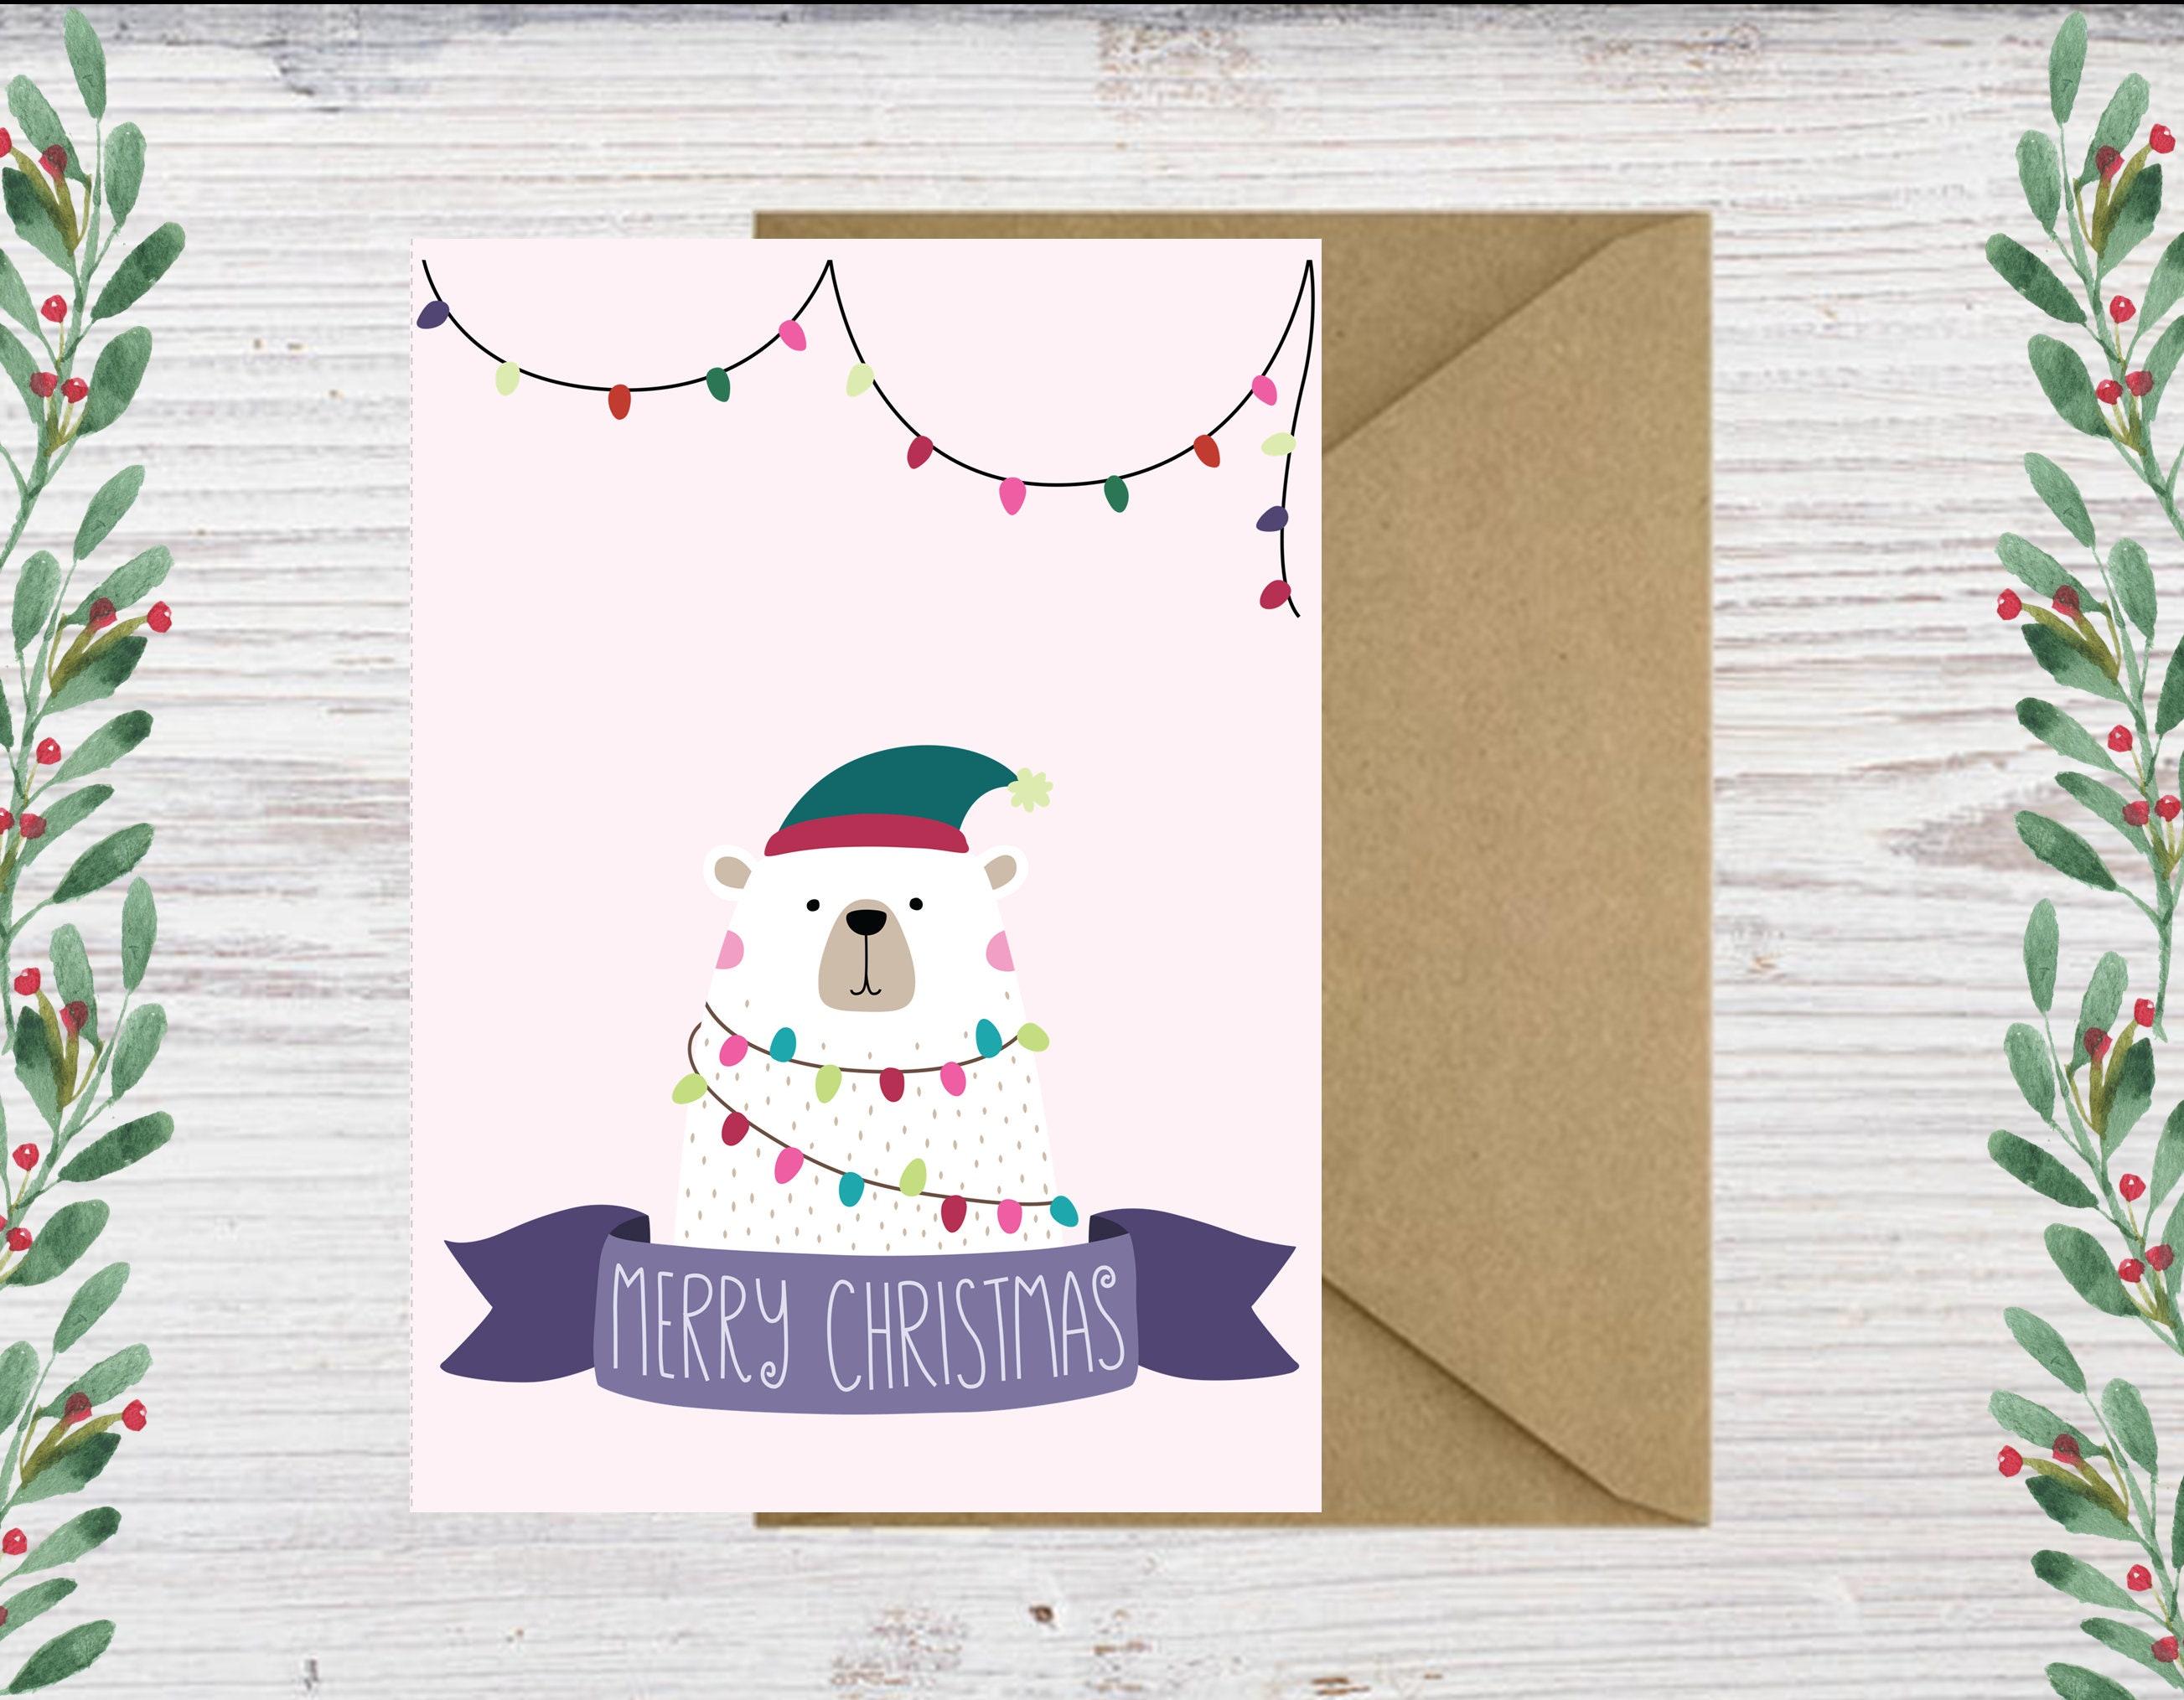 Printable Polar Bear Christmas Cards - Downloadable Christmas Cards ...